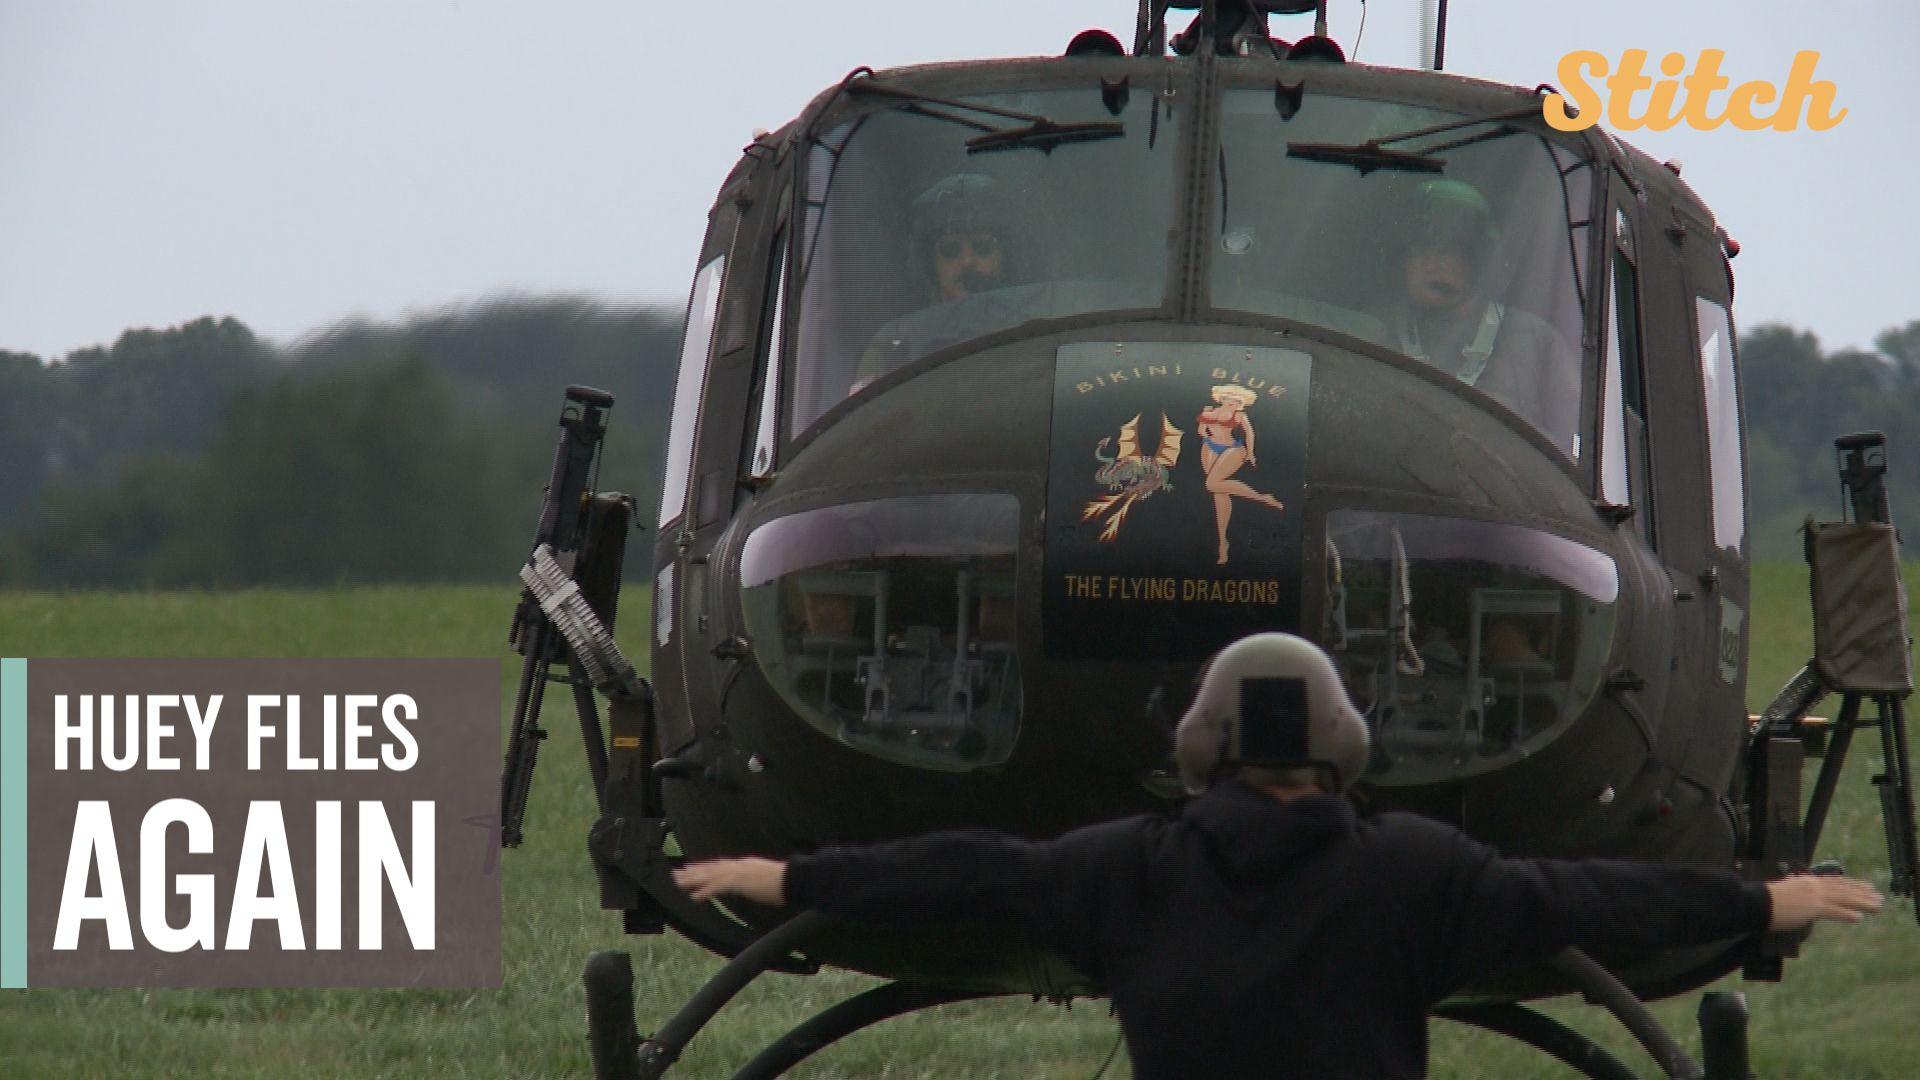 Vietnam War-era helicopter flies again after volunteers help restore it